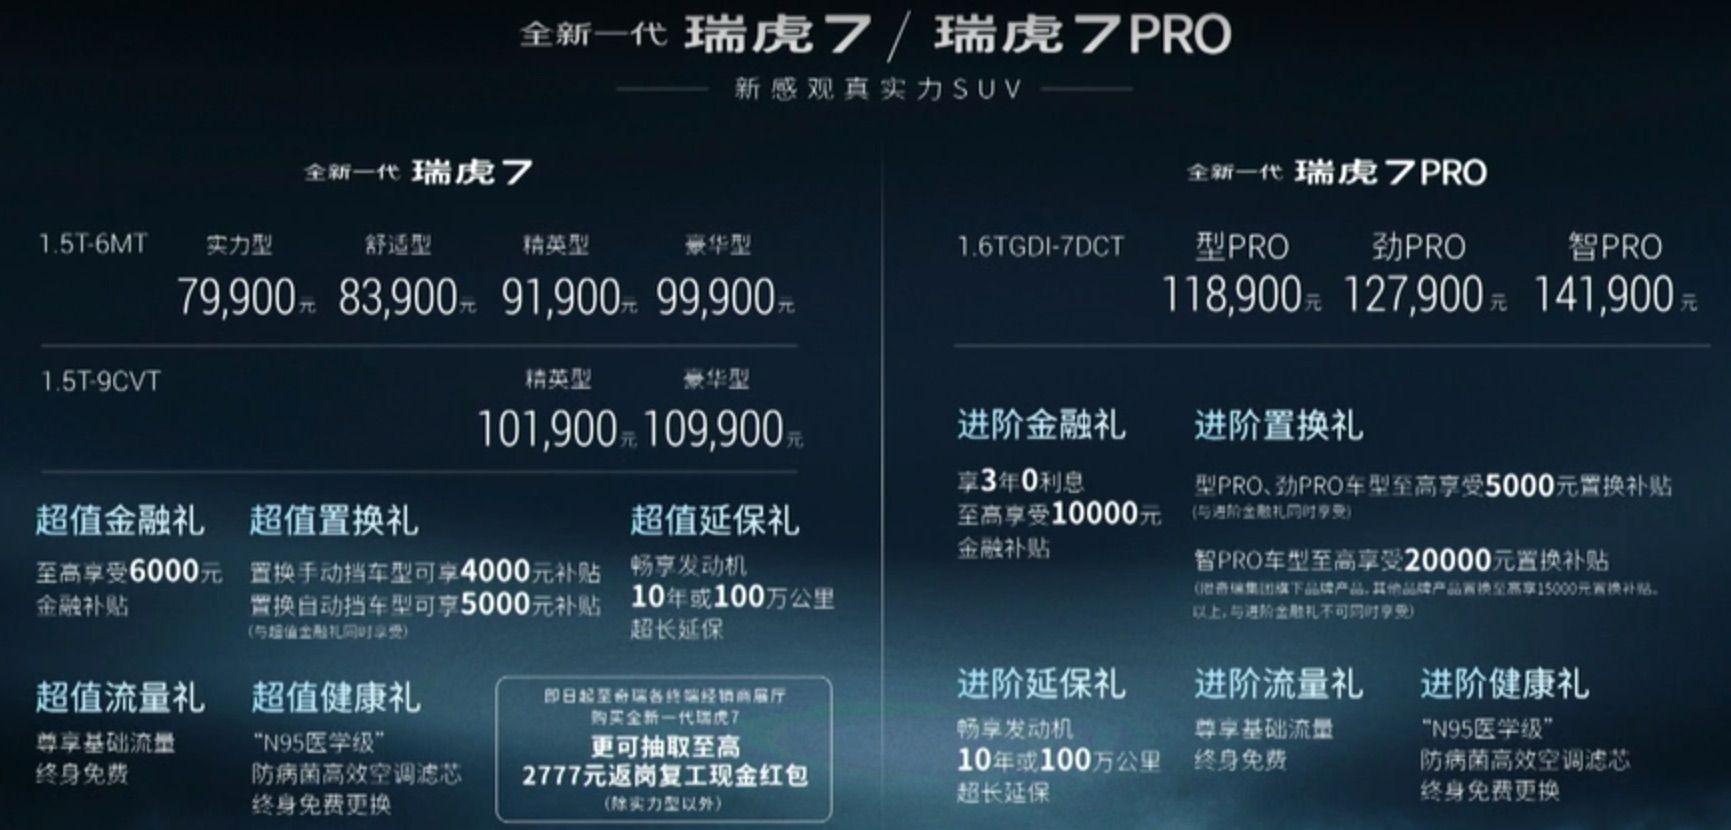 售价7.99-14.19万元 全新一代瑞虎7/瑞虎7 PRO正式上市